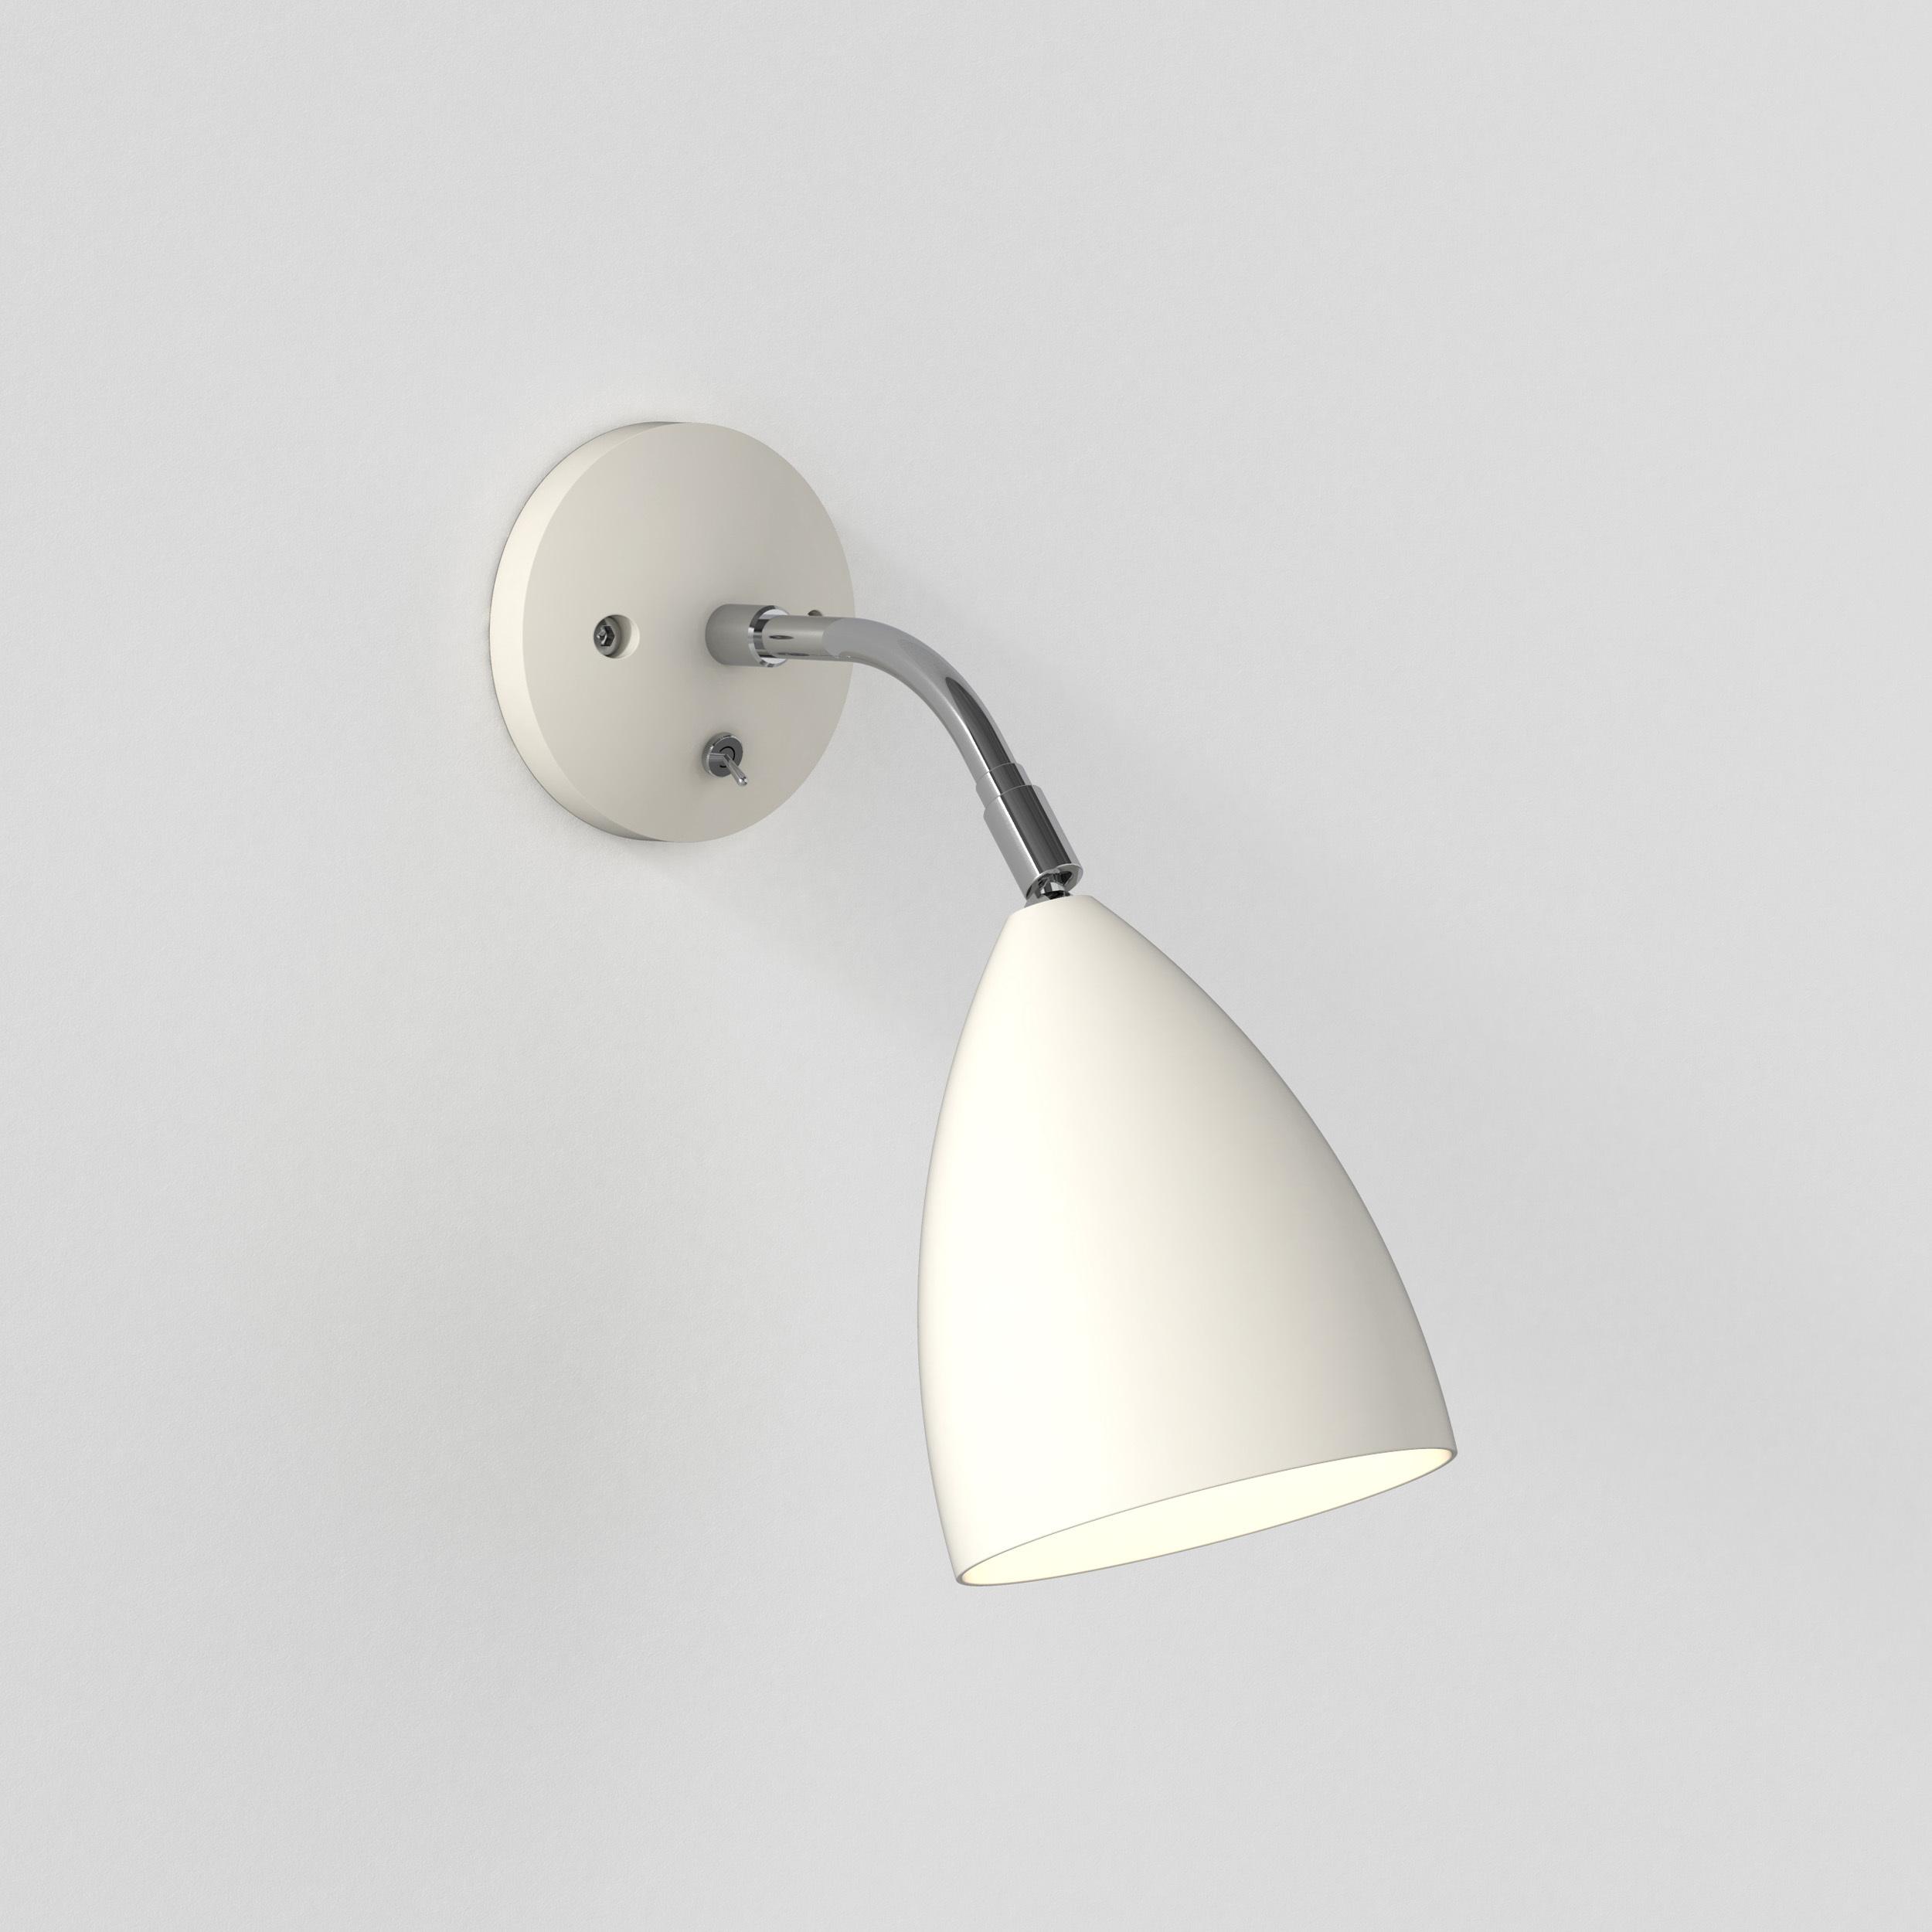 Настенный светильник с регулировкой направления света Astro Joel 1223015 (7158), 1xE27x42W, бежевый, металл - фото 1